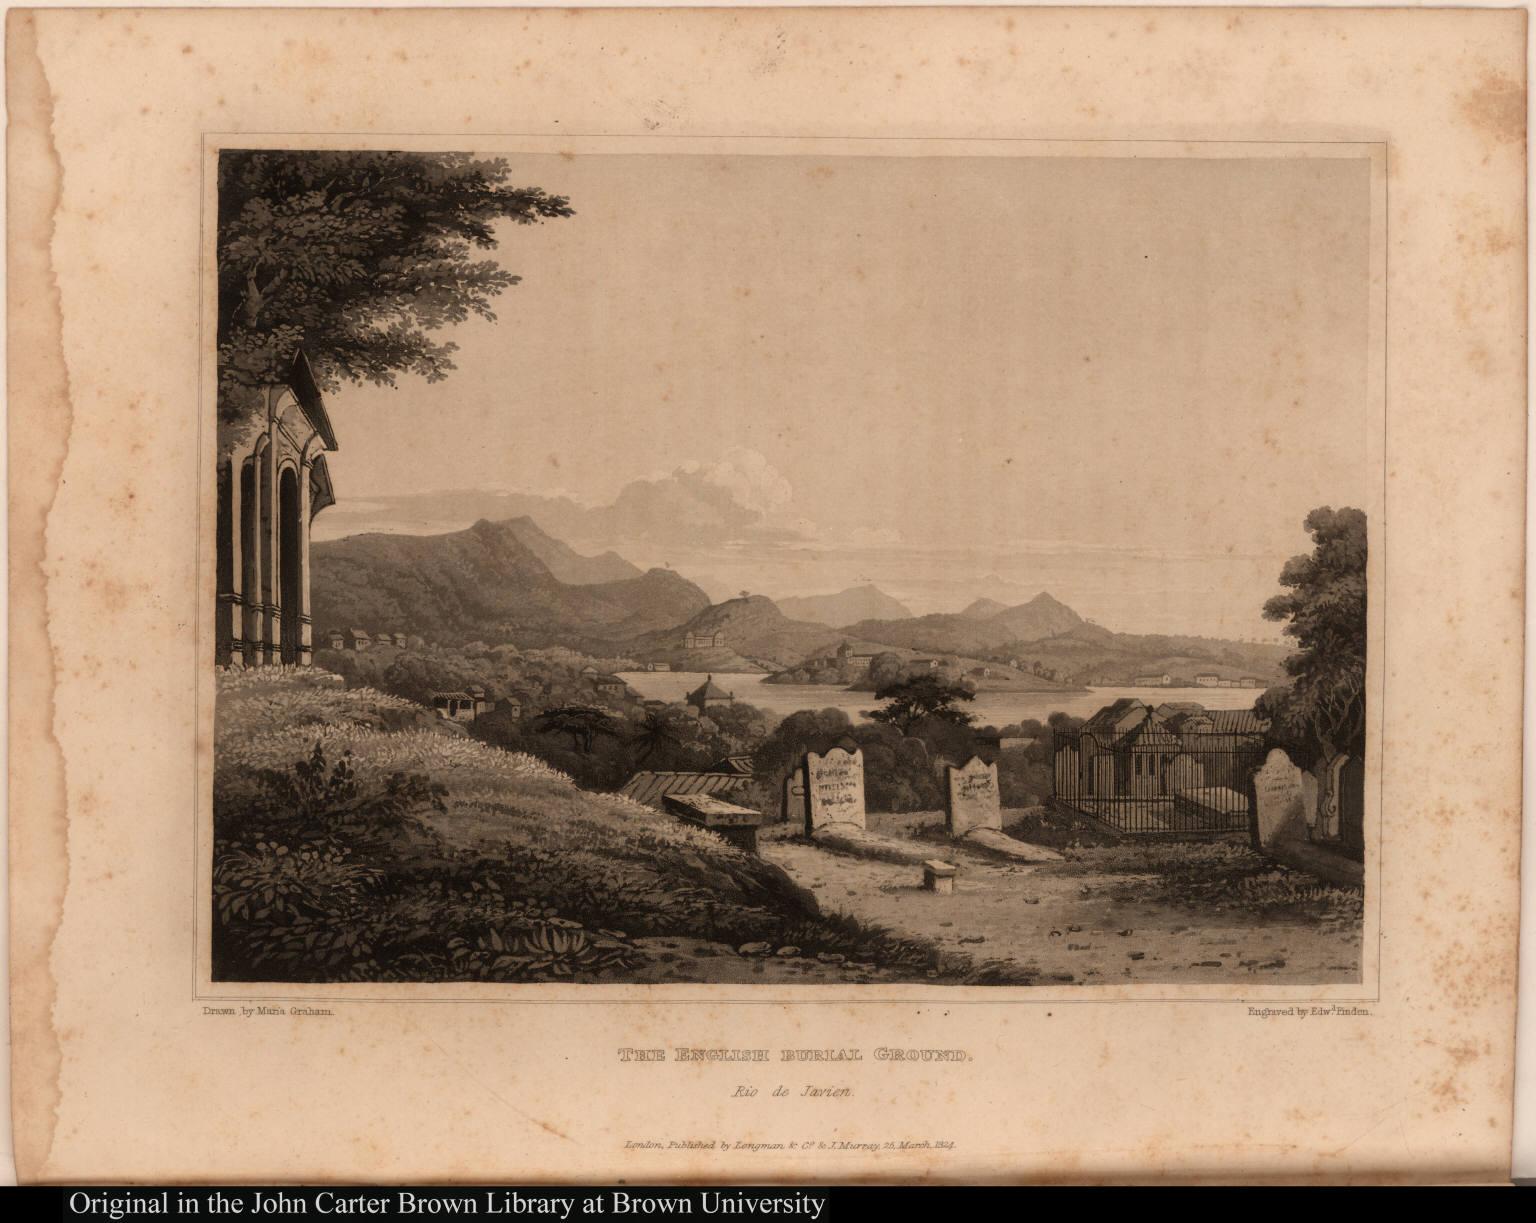 The English burial ground. Rio de Javien.